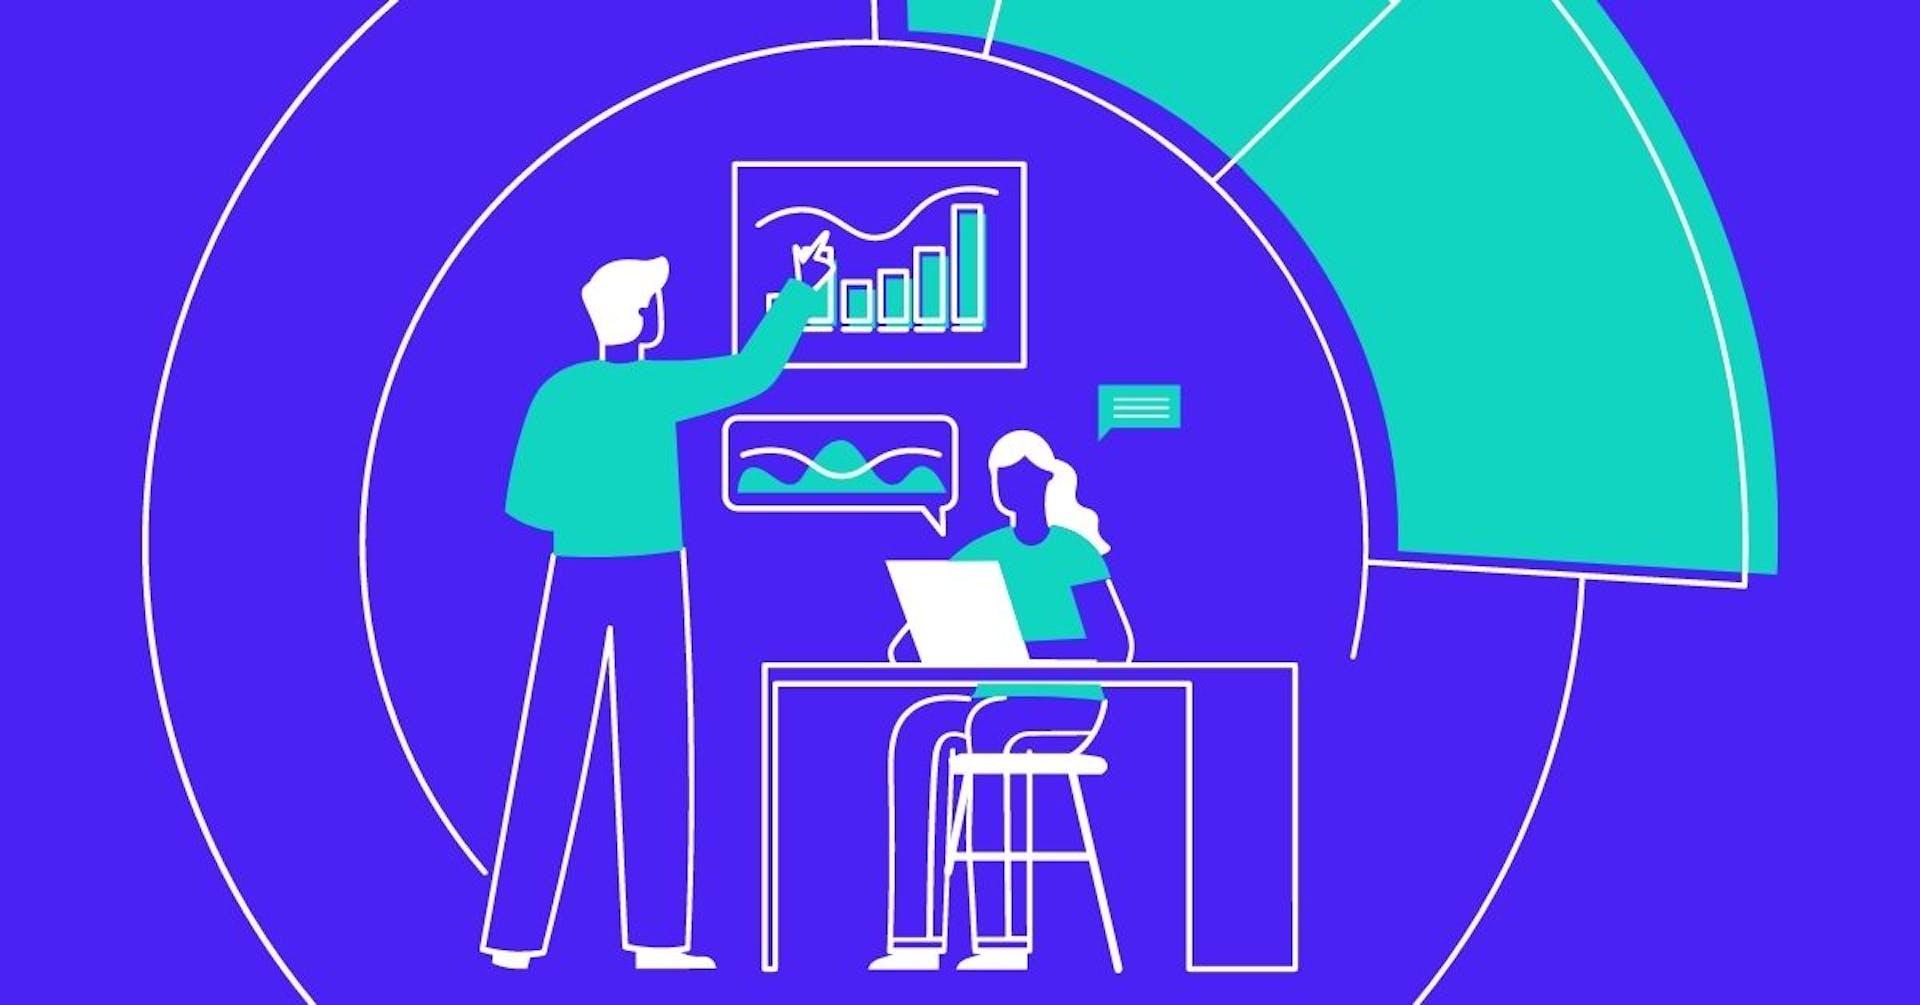 Metodología 5S: Organiza y mejora tu productividad